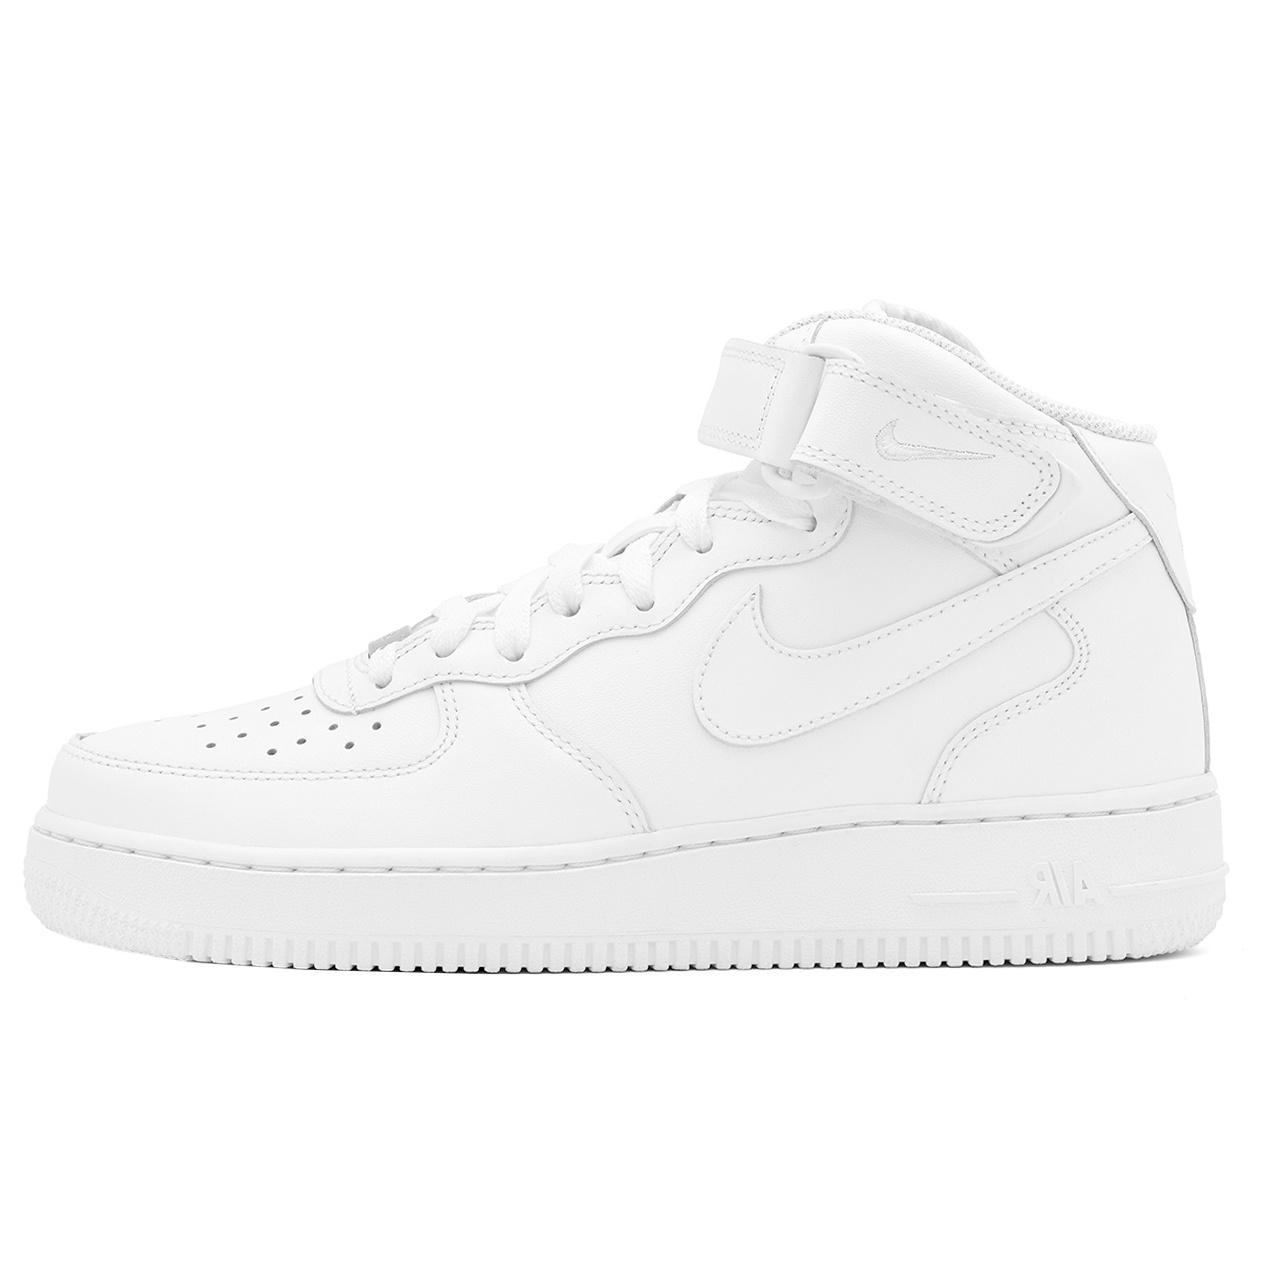 کفش راحتی زنانه مدل Air Force  کد 367895